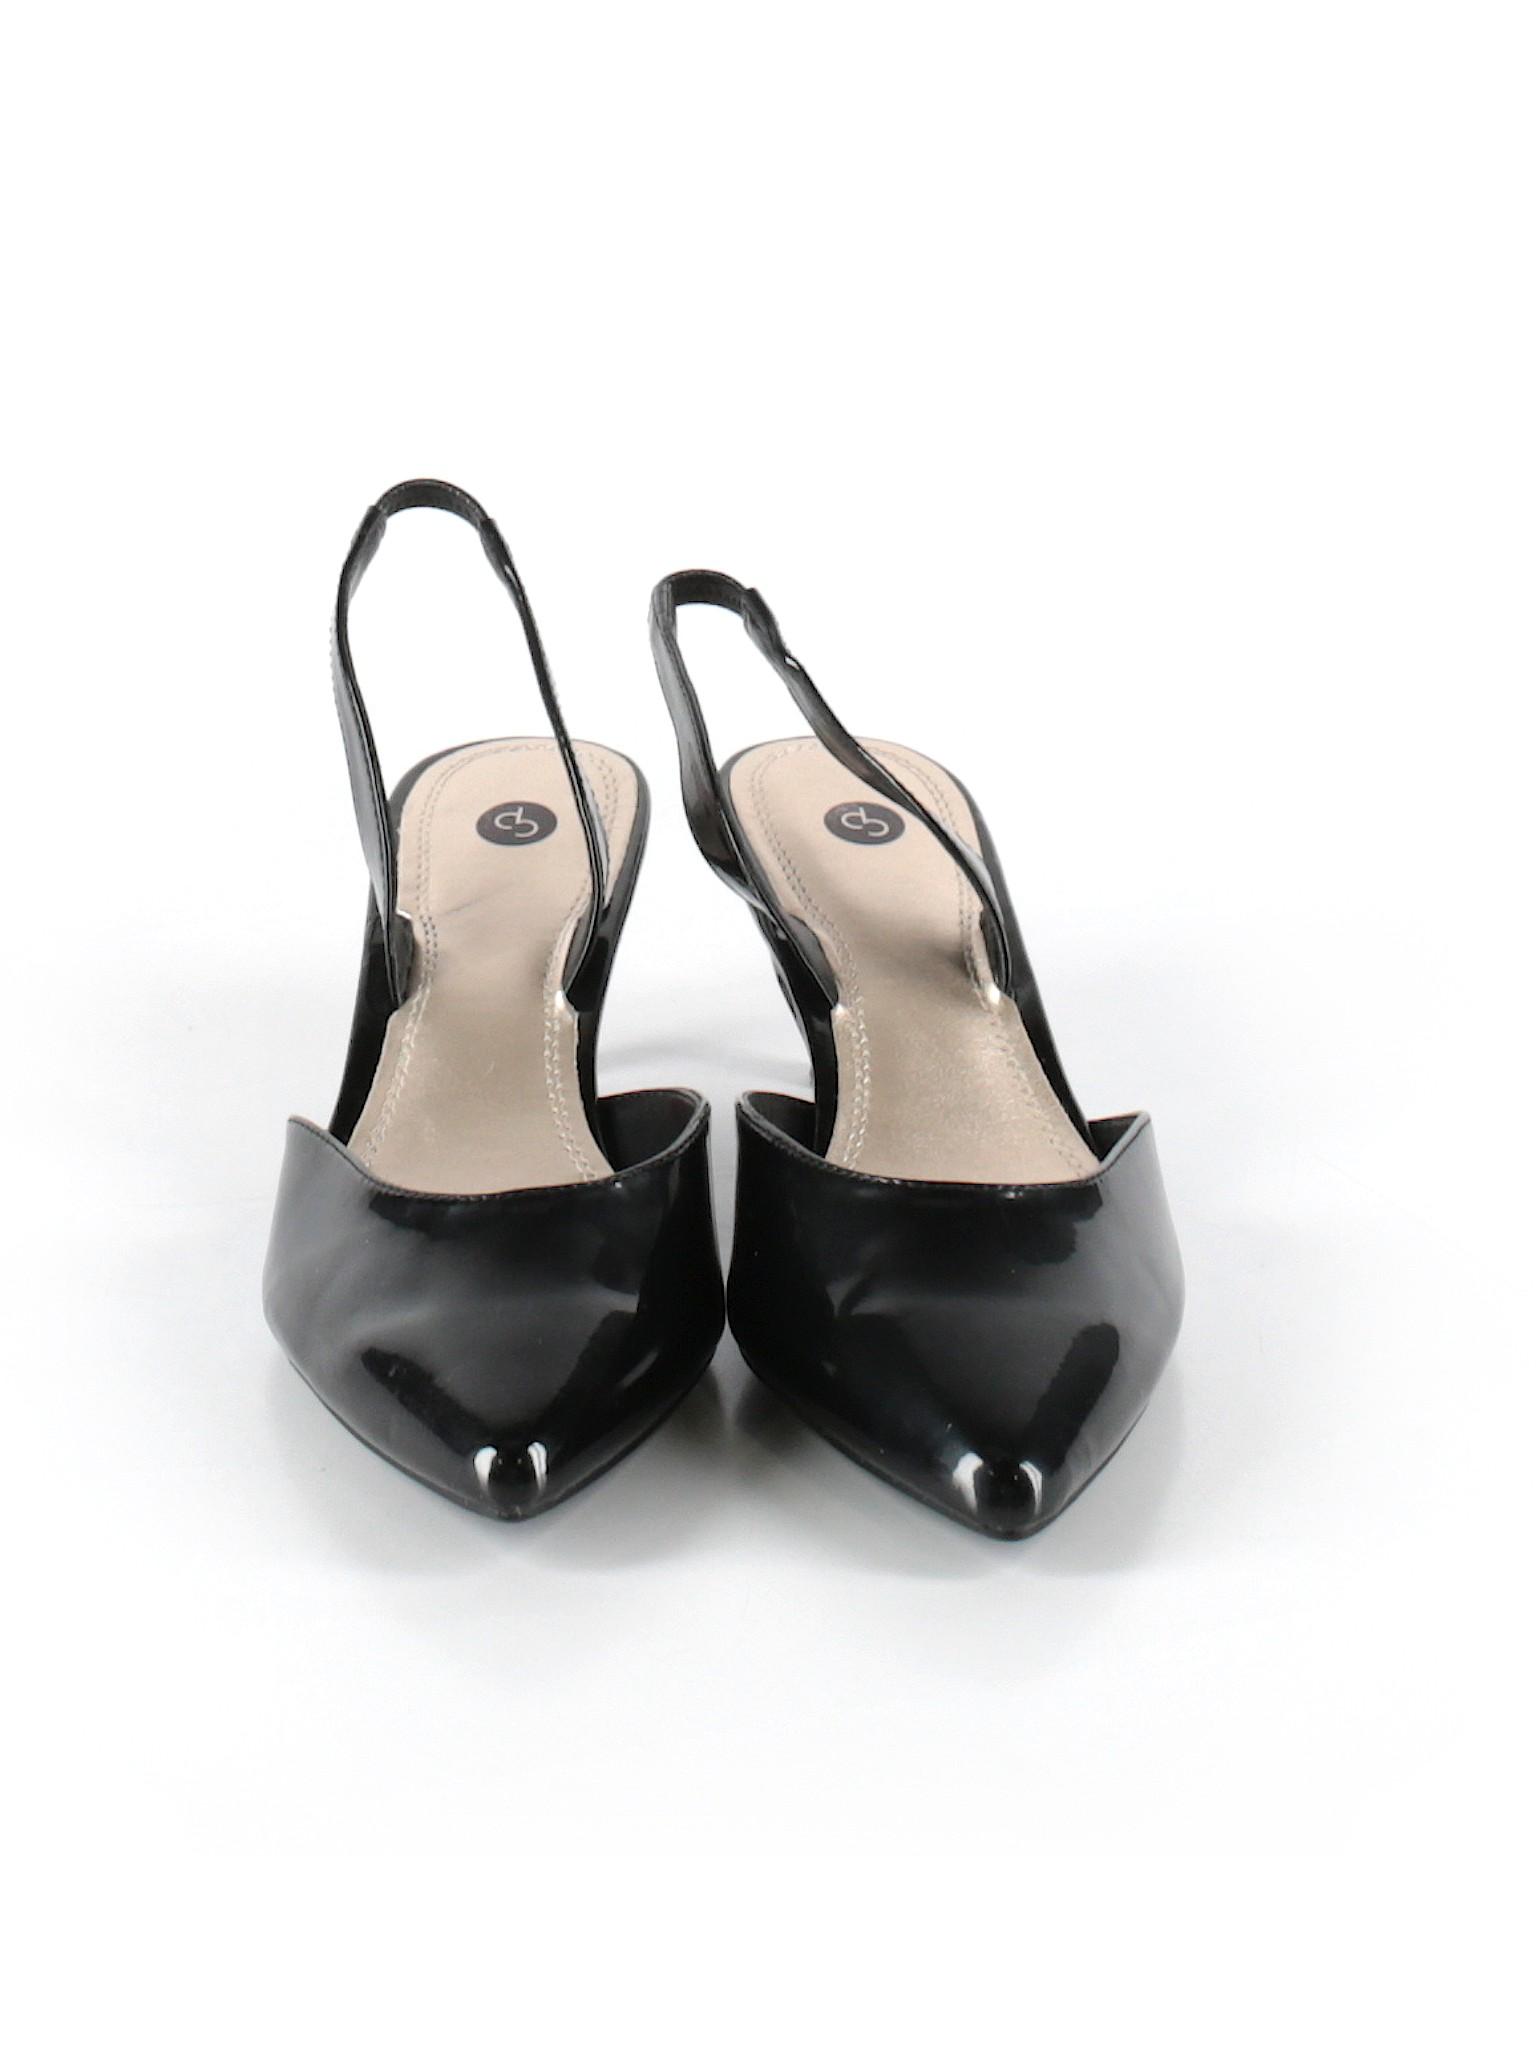 Boutique Heels Boutique DressBarn promotion promotion 7xR5Tnw